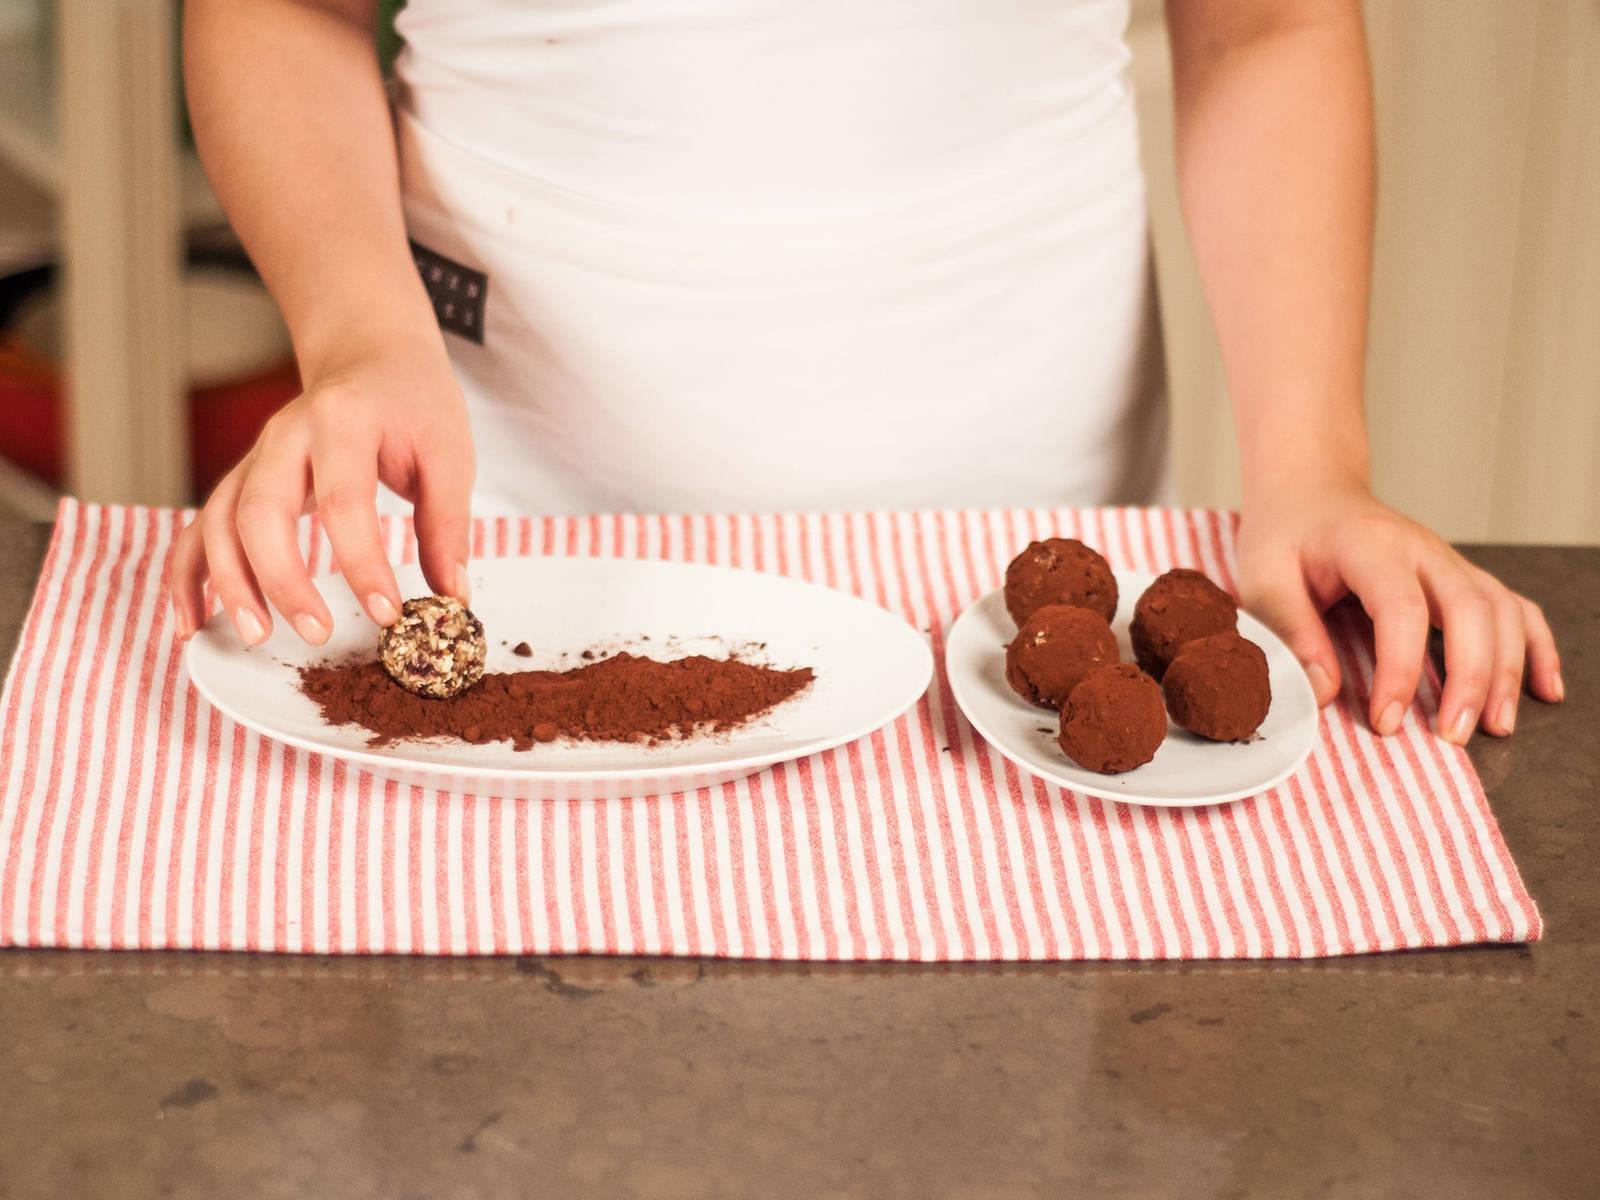 Kleine Portionen der Masse nehmen (ca. 1,5 EL) und zu einem Ball formen. Dann alle Kugeln in dem Kakaopulver rollen. Als gesunden Snack genießen!